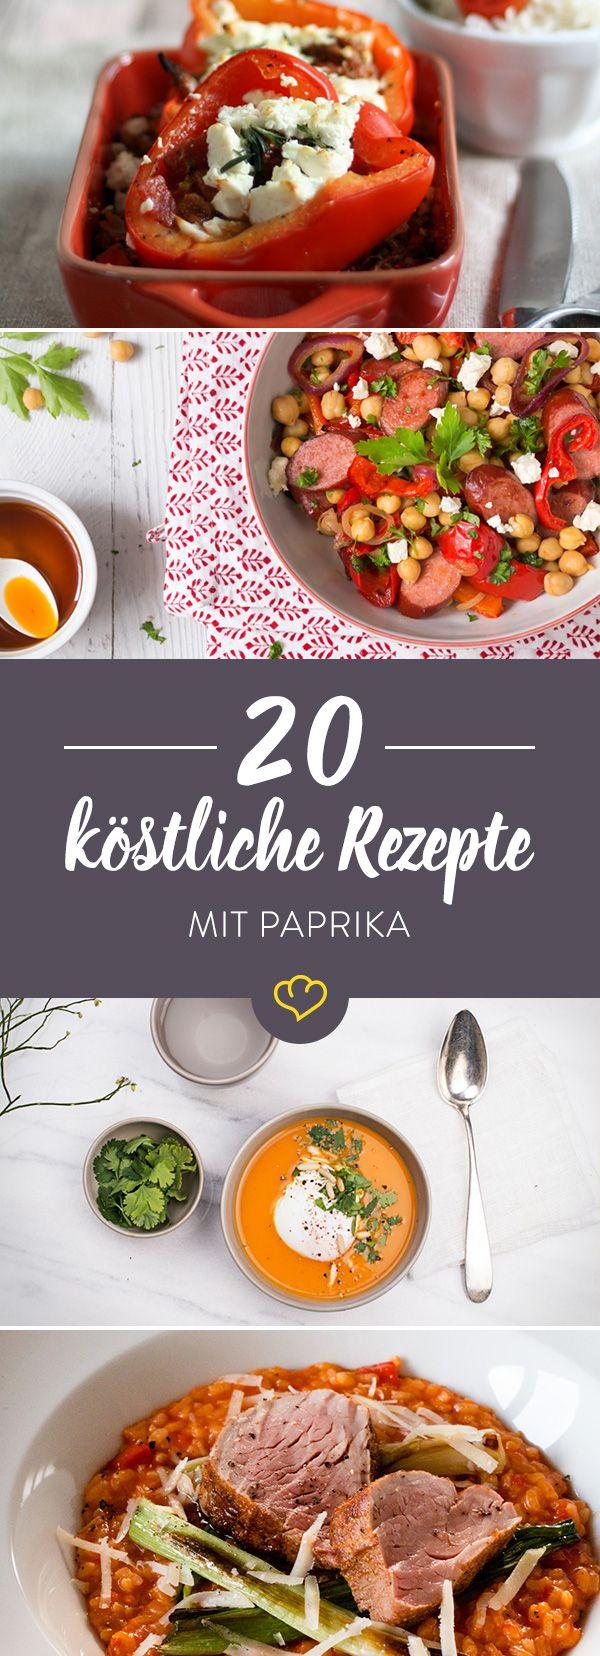 Die schönsten Paprika im Land präsentieren sich als cremiges Süppchen, knackiger Salat oder gefüllt vom Ofenrost. Wer wird dein Favorit?